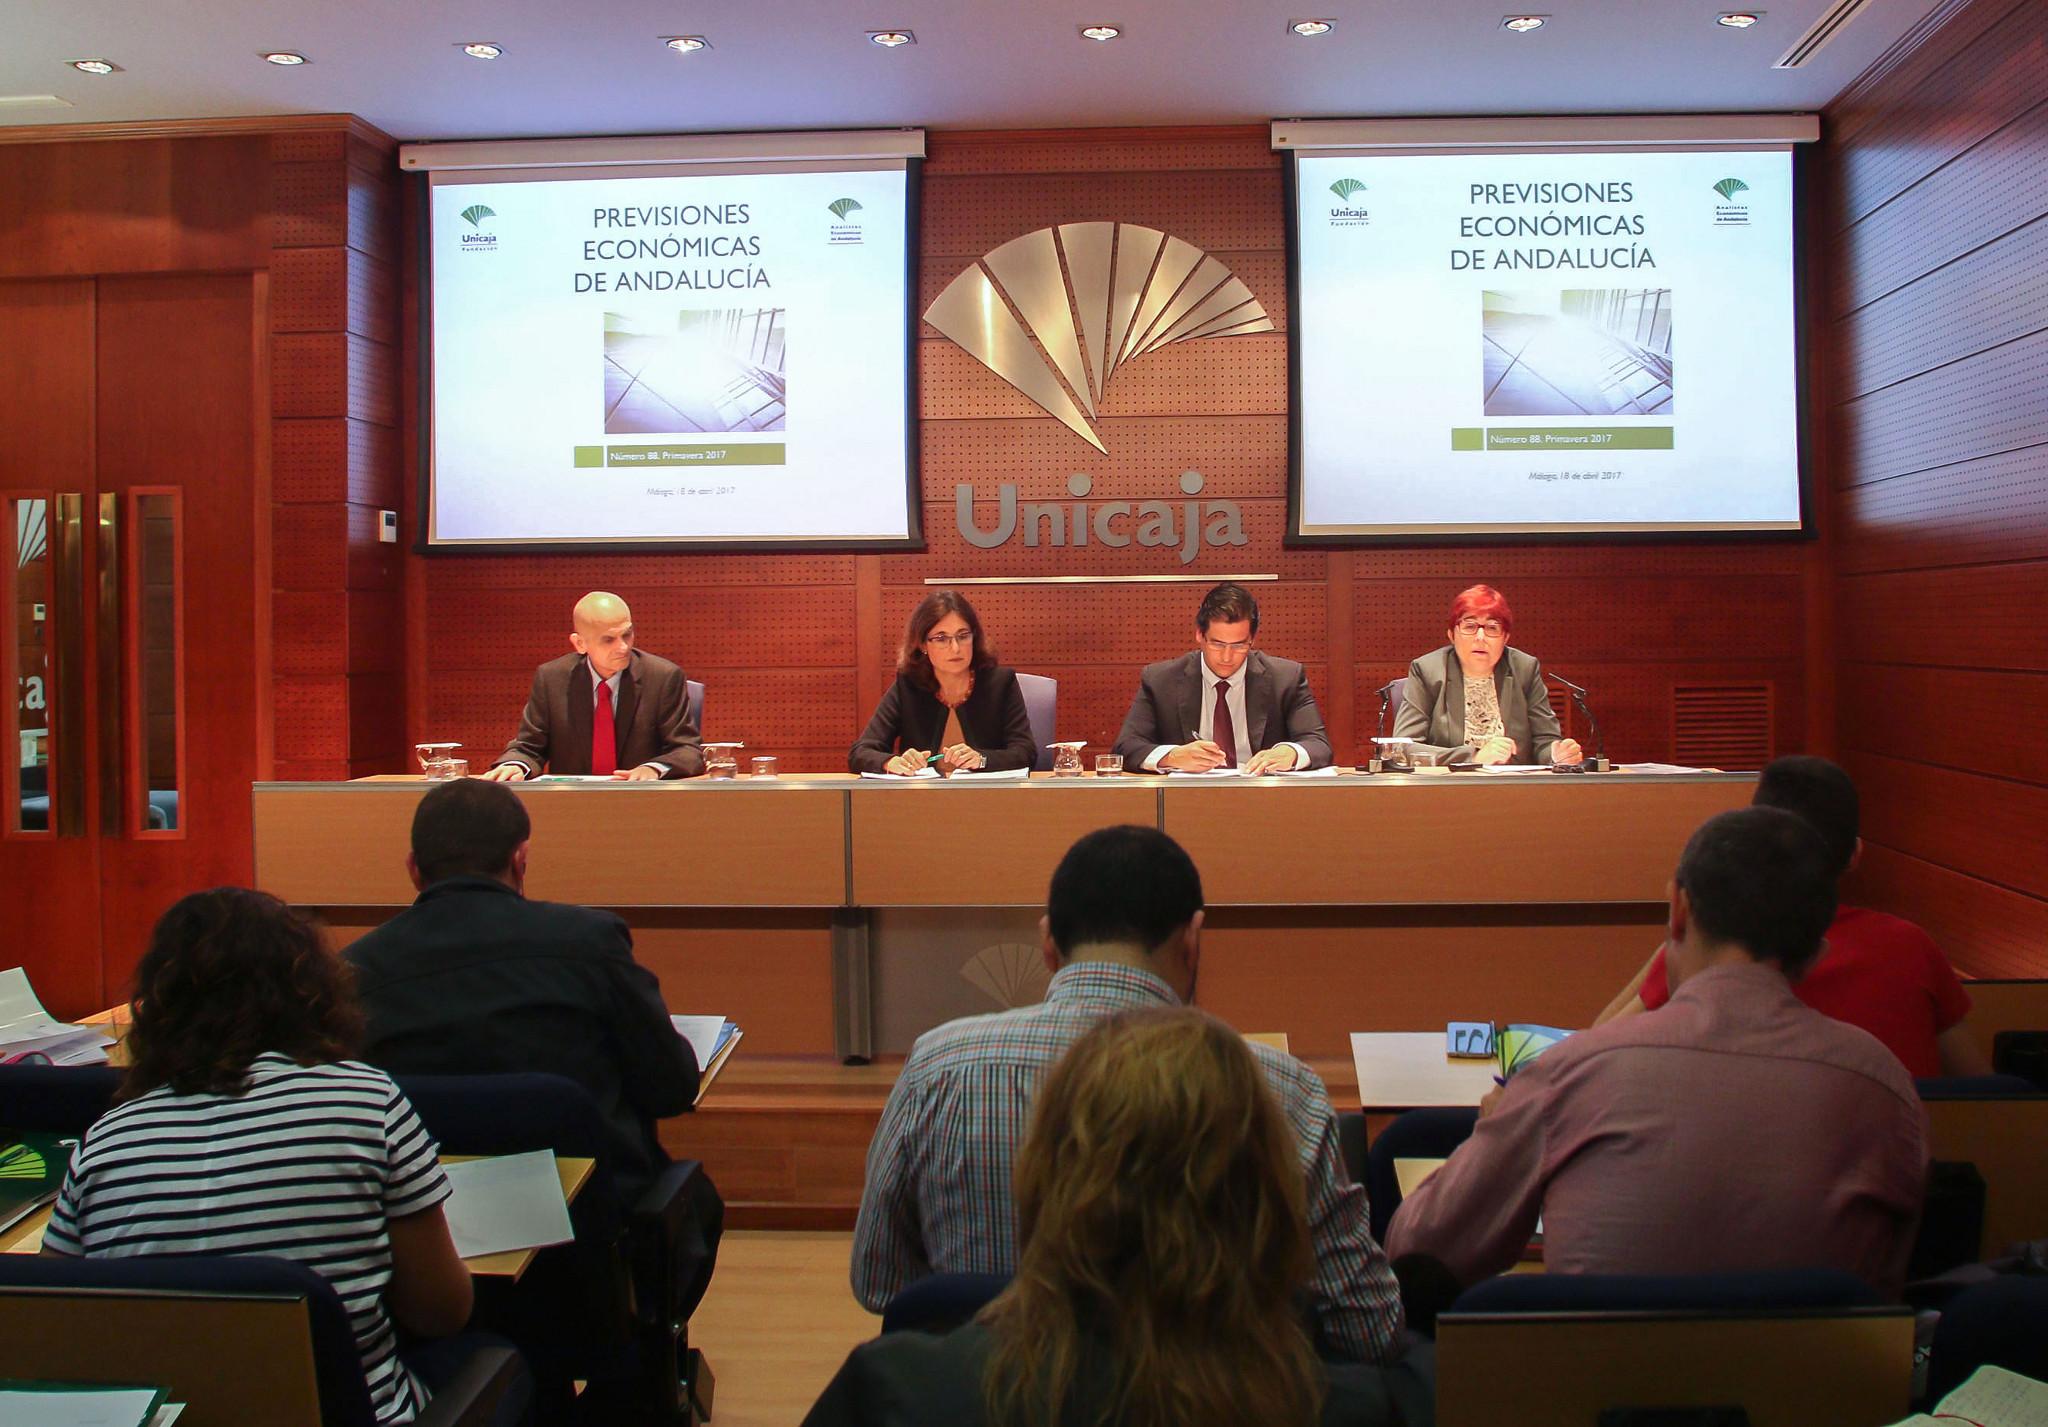 Analistas Económicos de Andalucía publica el último número de su informe 'Previsiones Económicas de Andalucía'